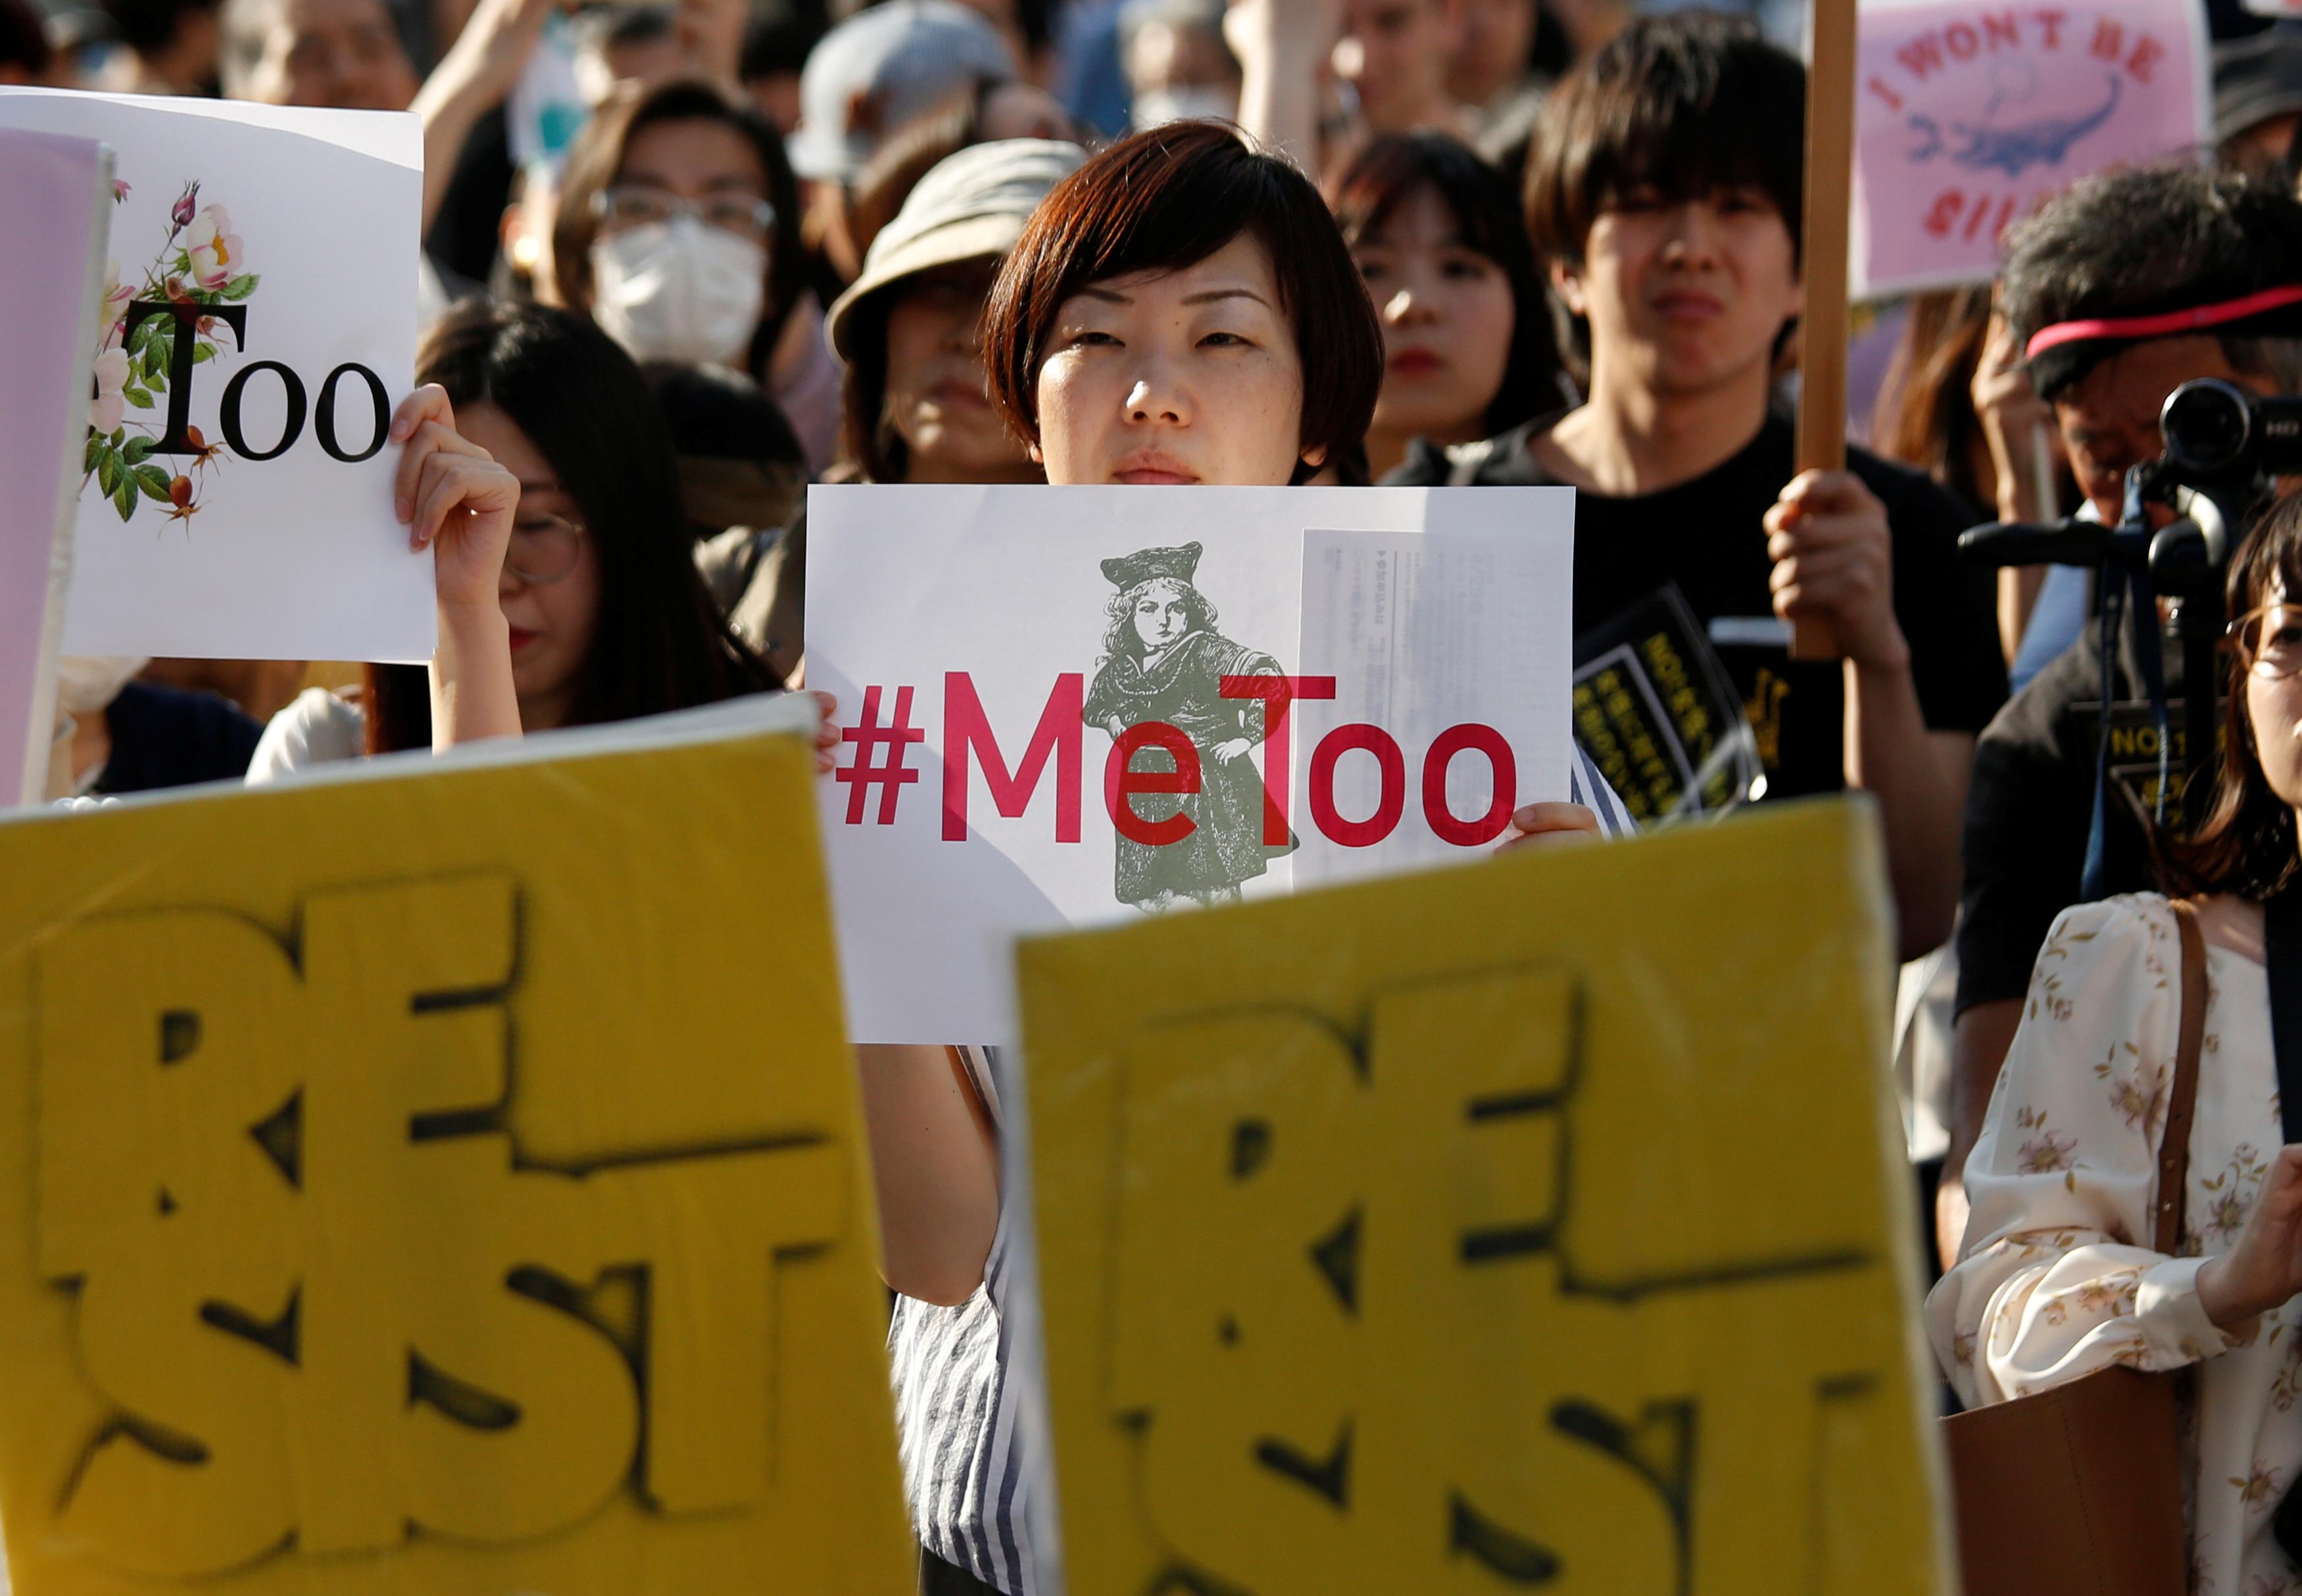 احتجاجات ضد التحرش الجنسى فى اليابان